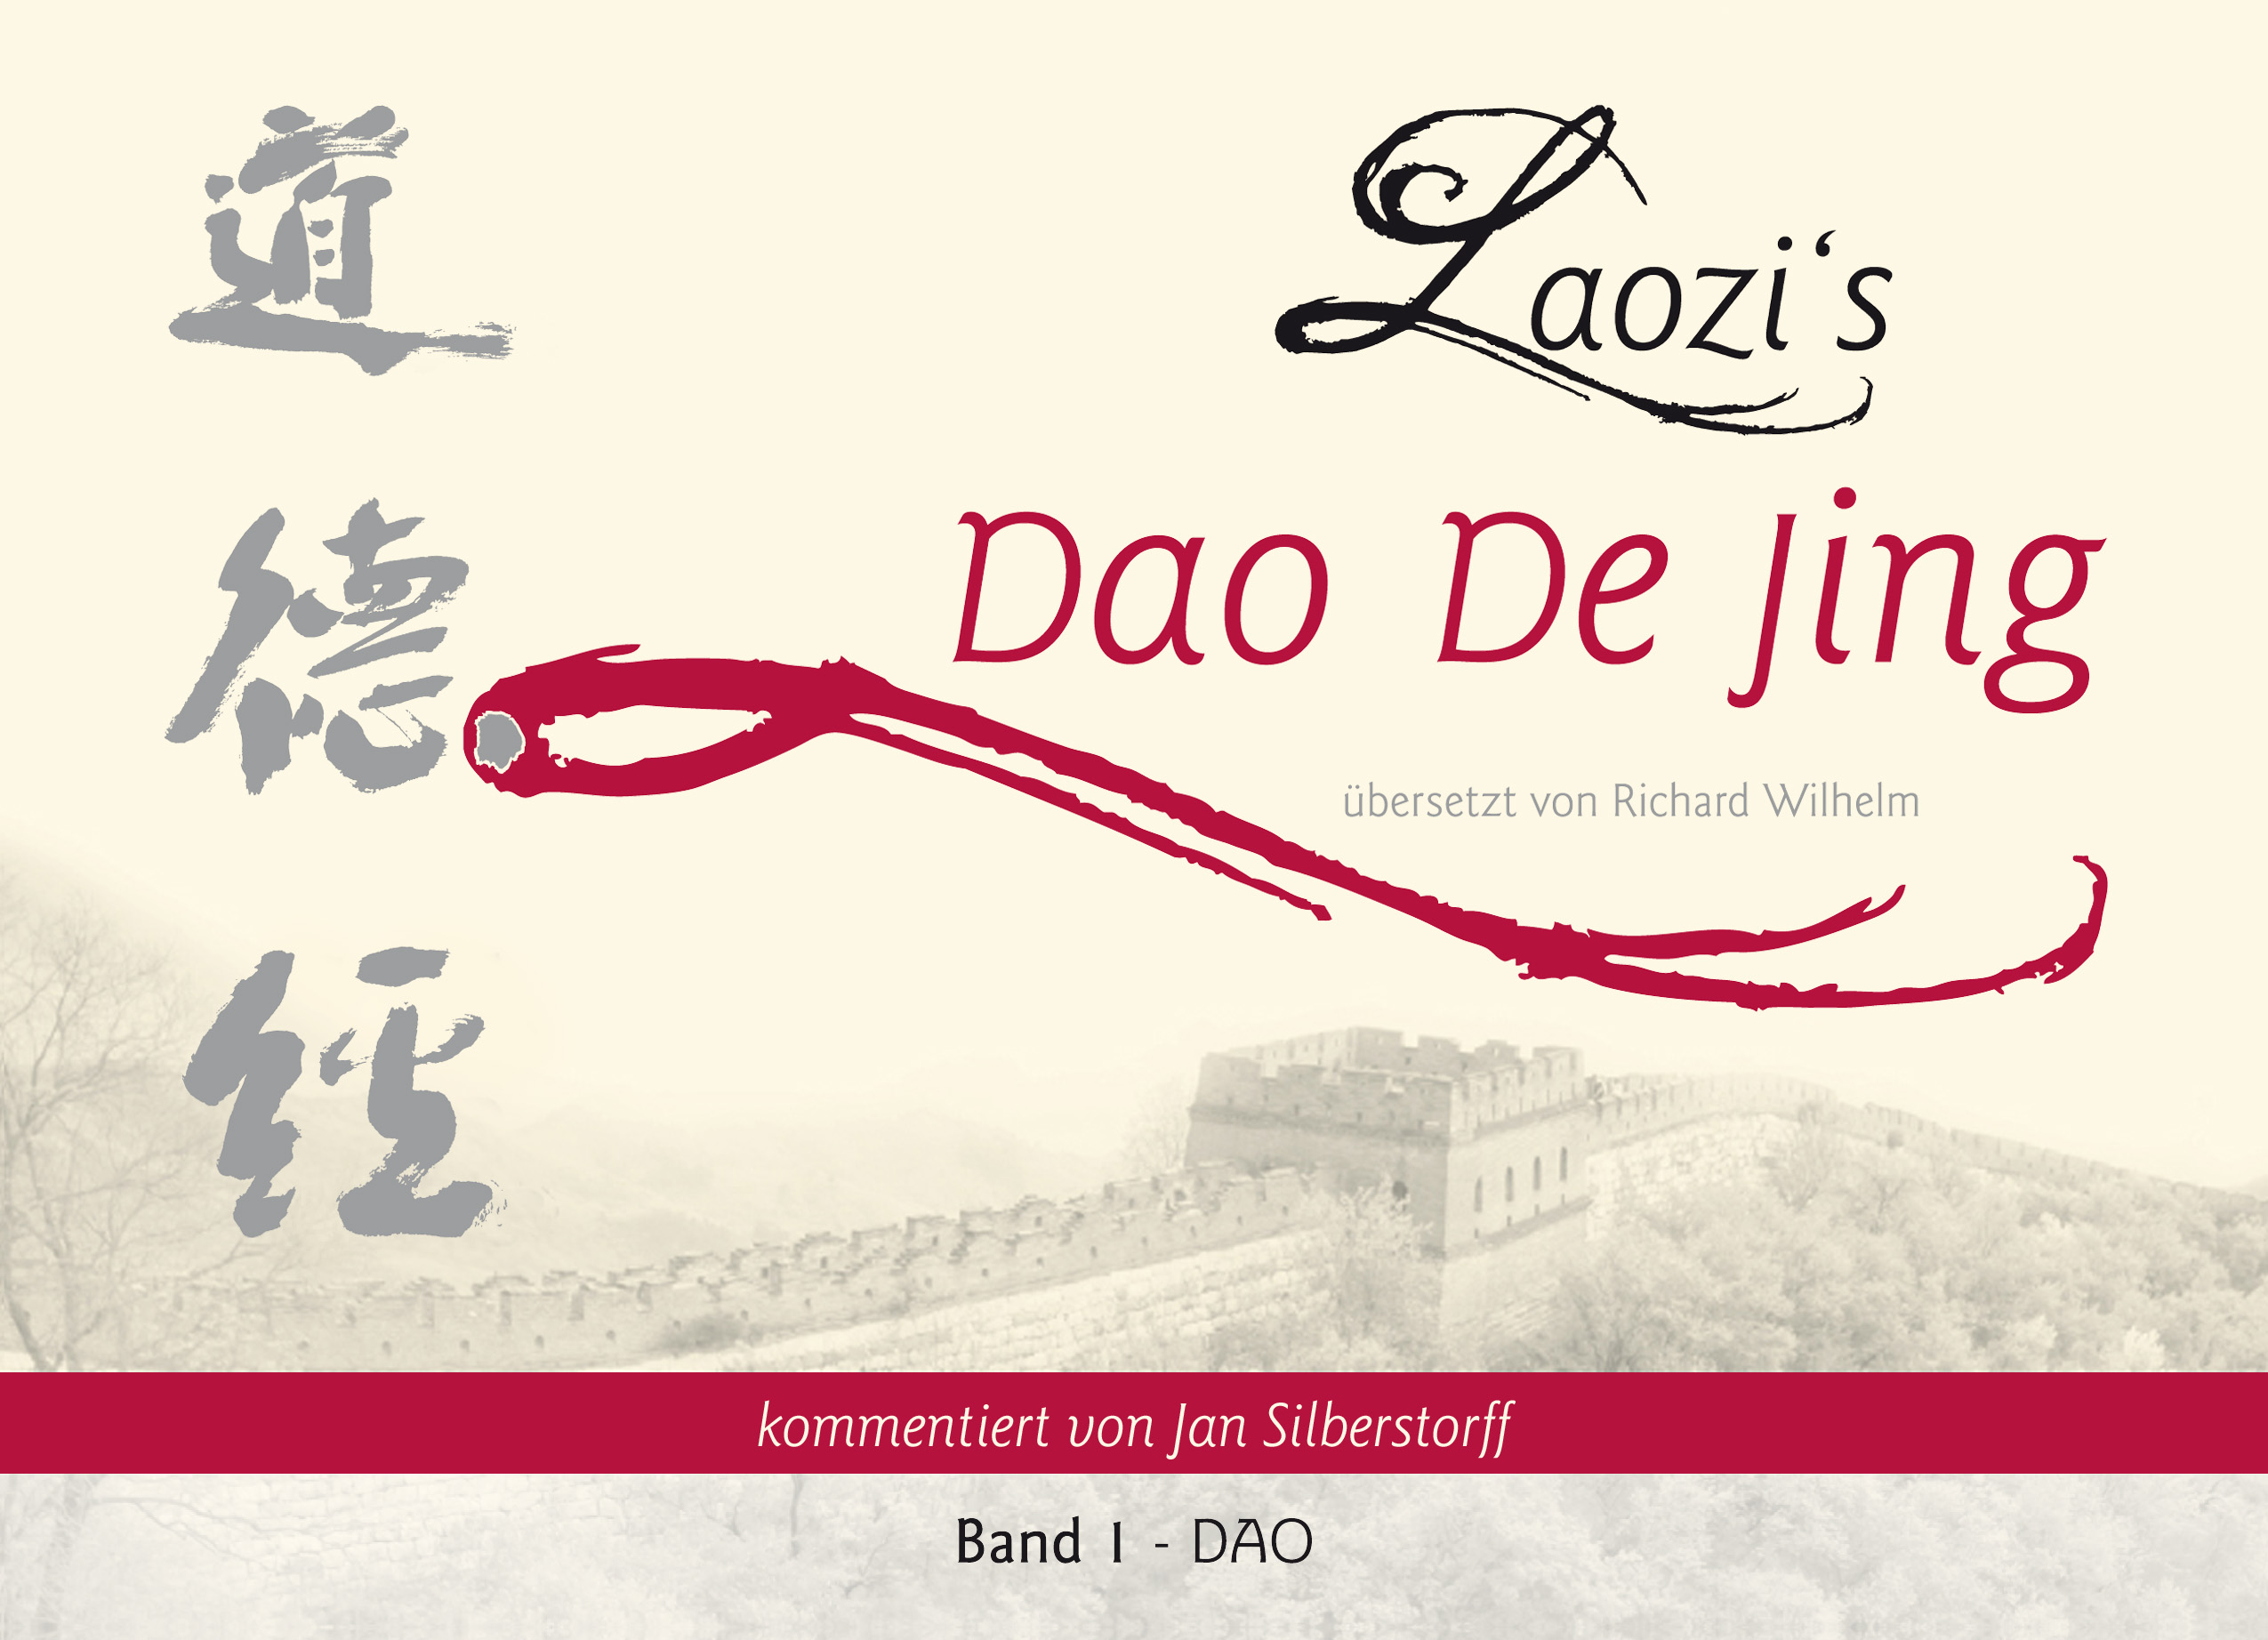 Laozi's DAO DE JING Band 1 - DAO